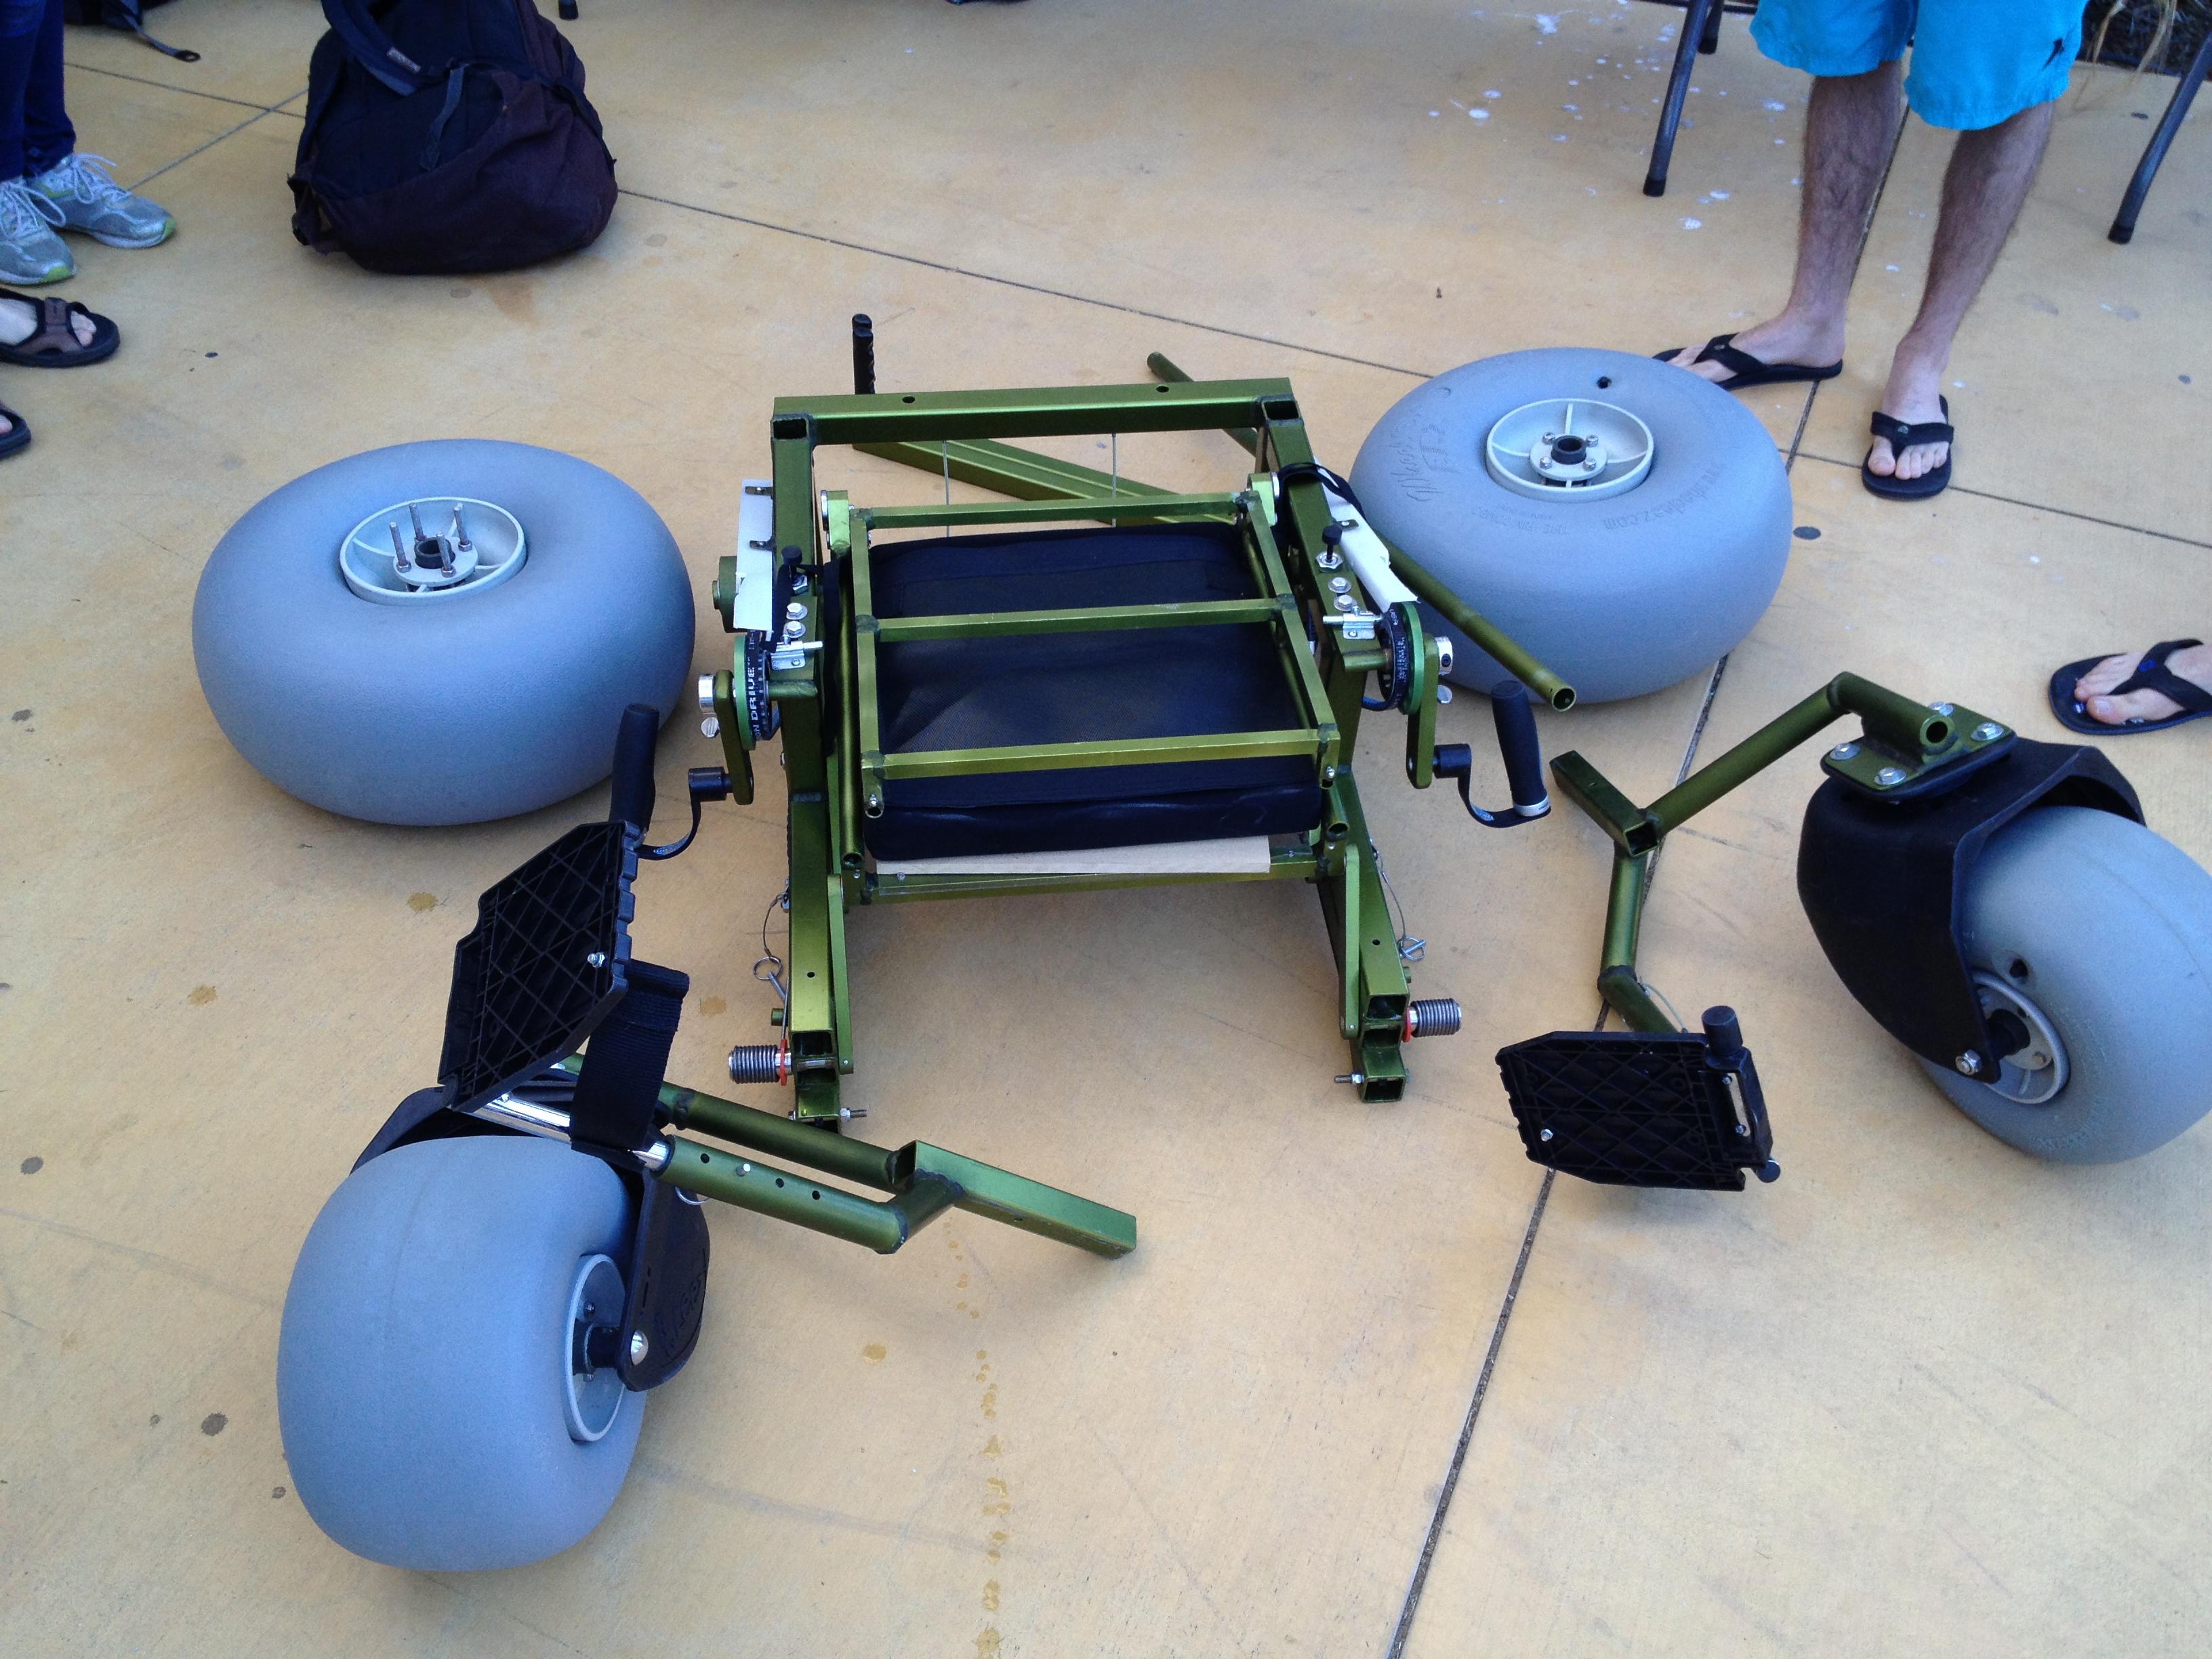 Beach wheelchair disassembled